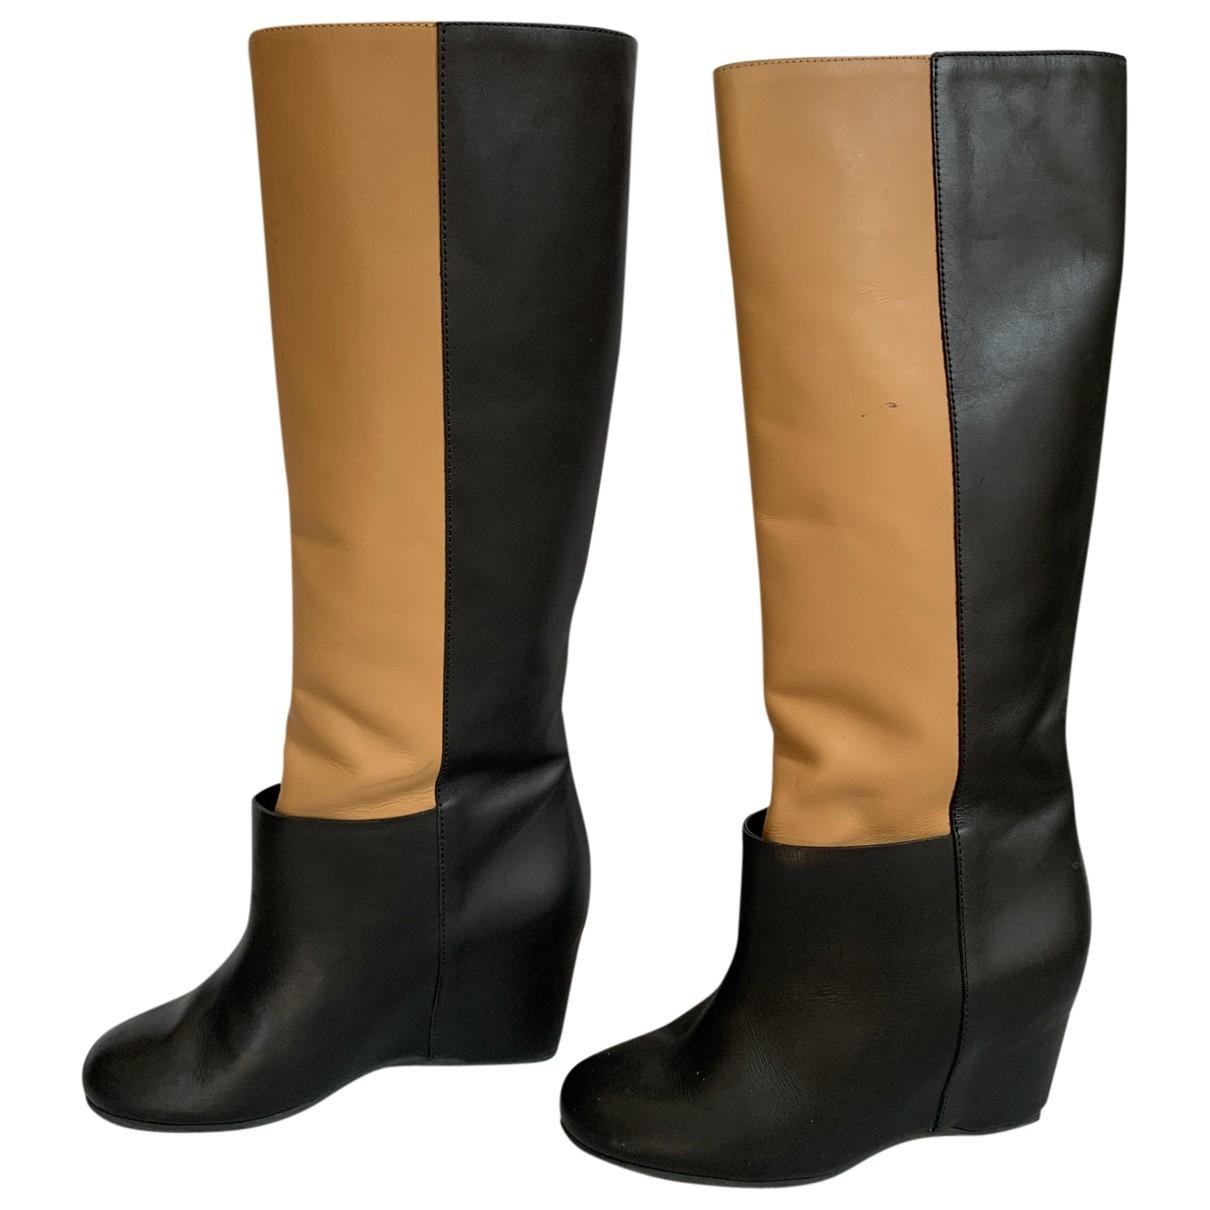 Mm6 - Bottes   pour femme en cuir - beige